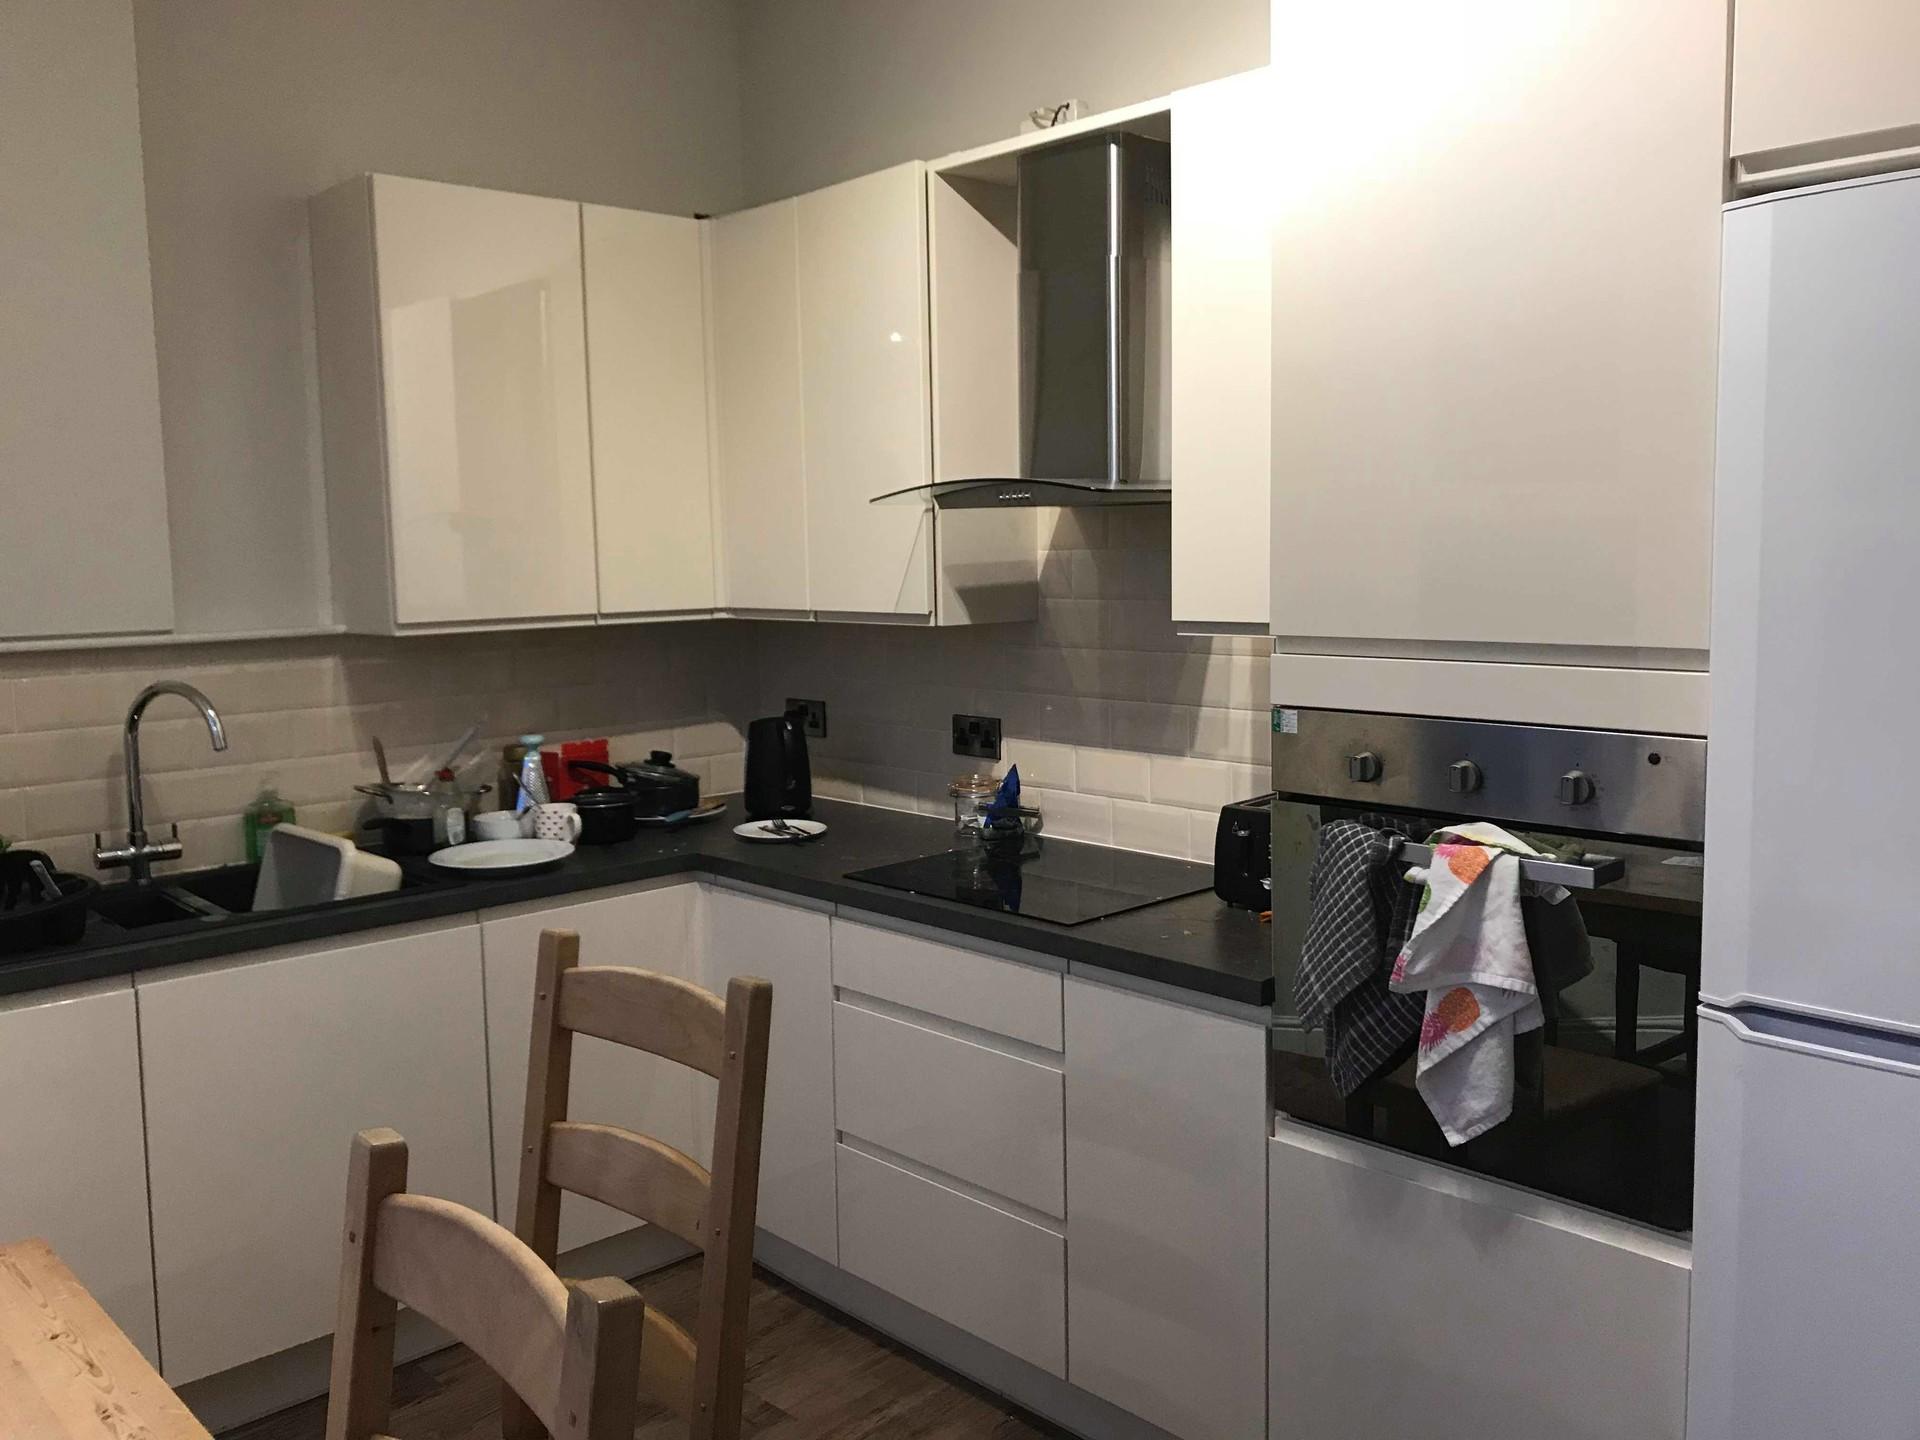 lovely-room-sheffield-uk-semester-2-rent-88-week-2019fb4422e35d8b074f00d5ff0df5e3